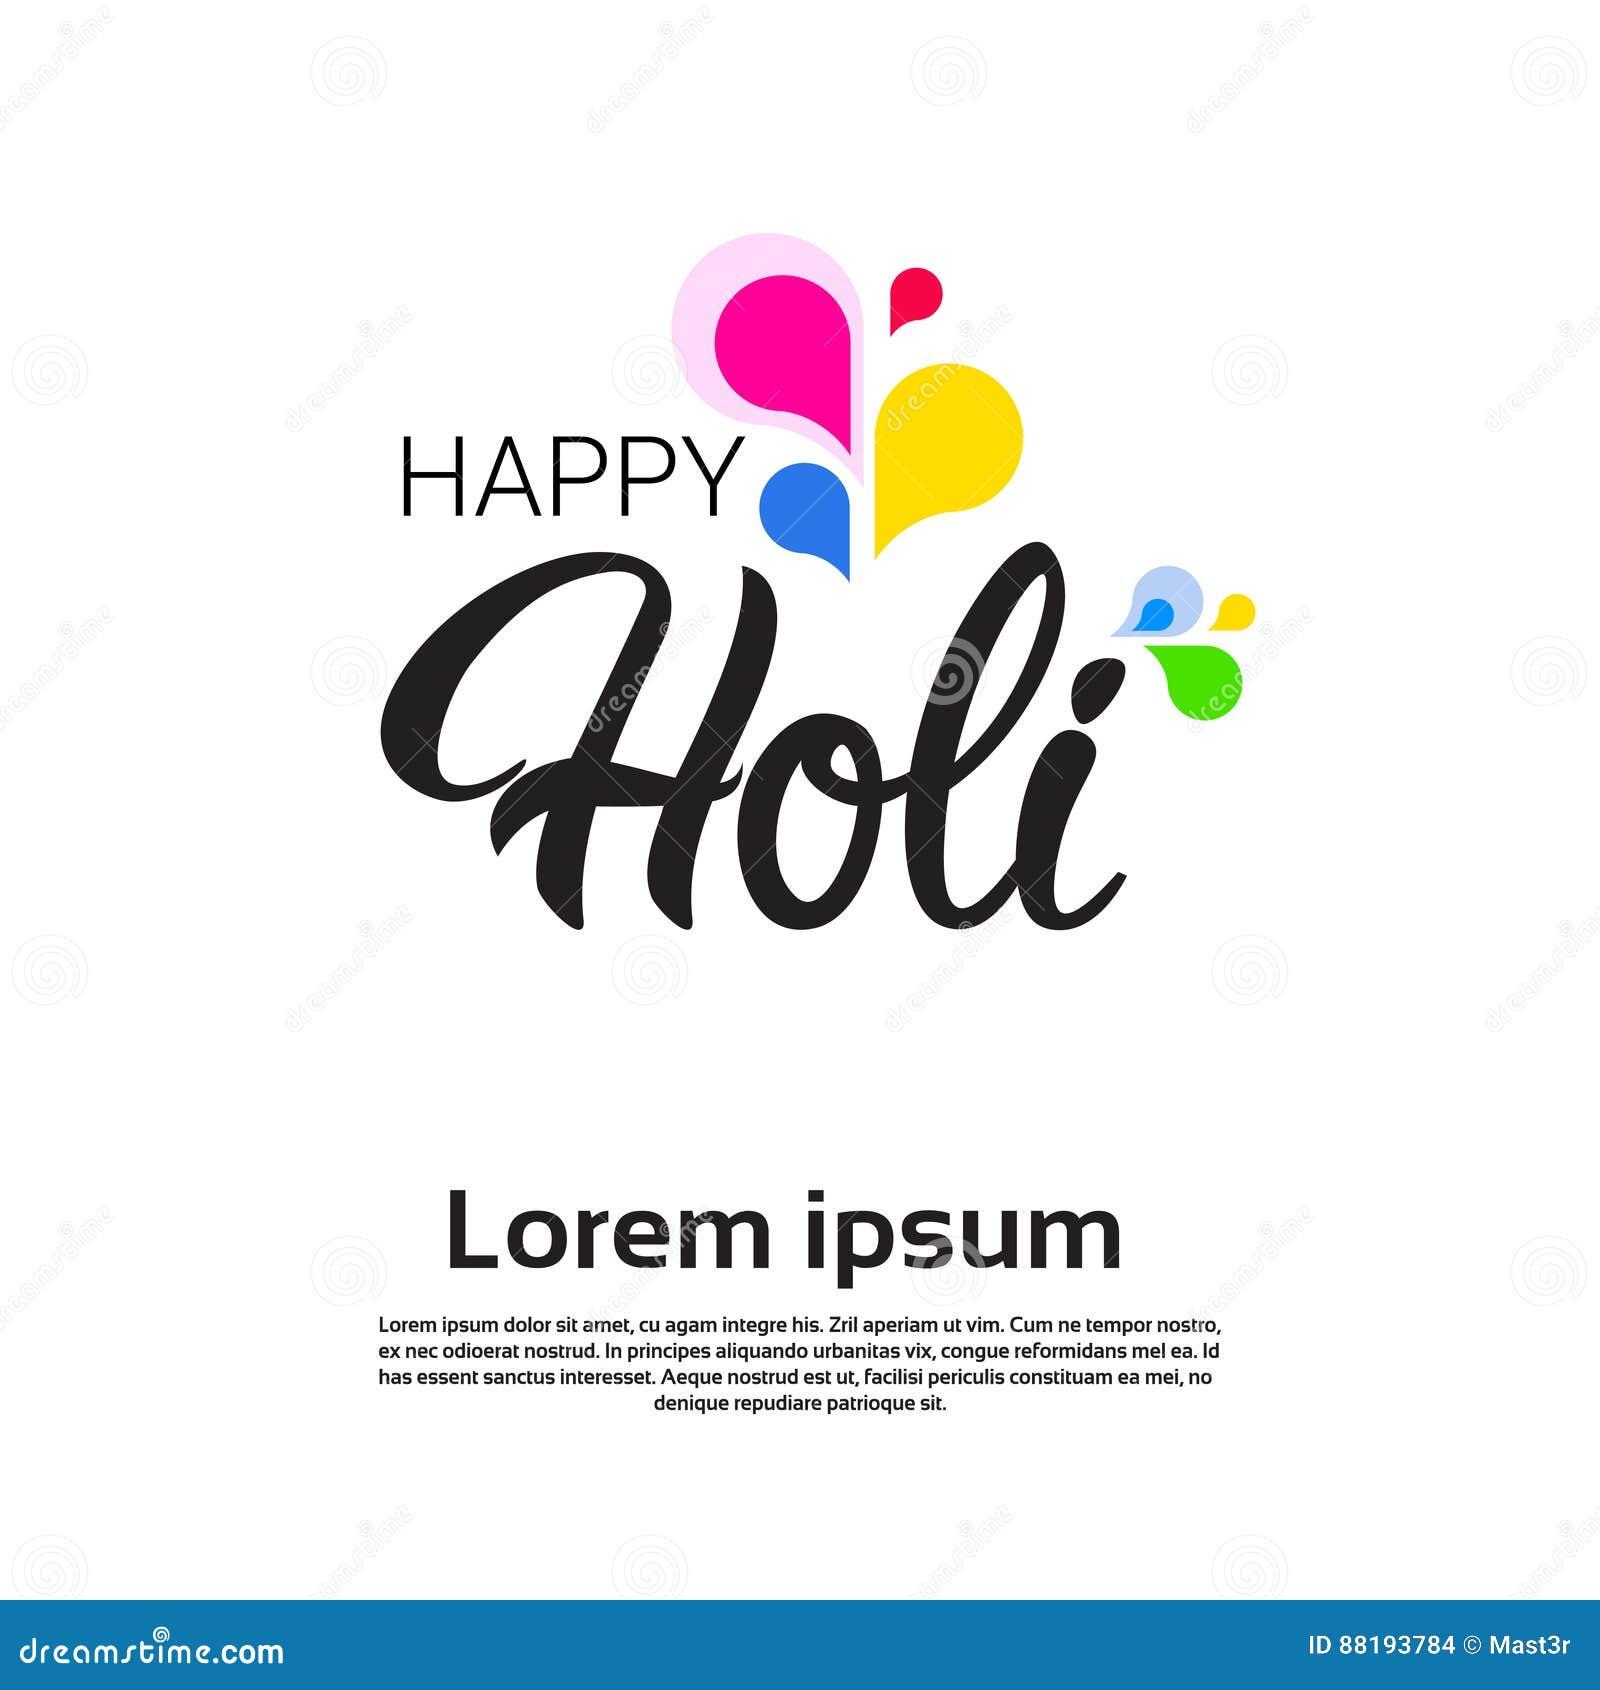 Happy Holi Religious India Holiday Traditional Celebration Greeting